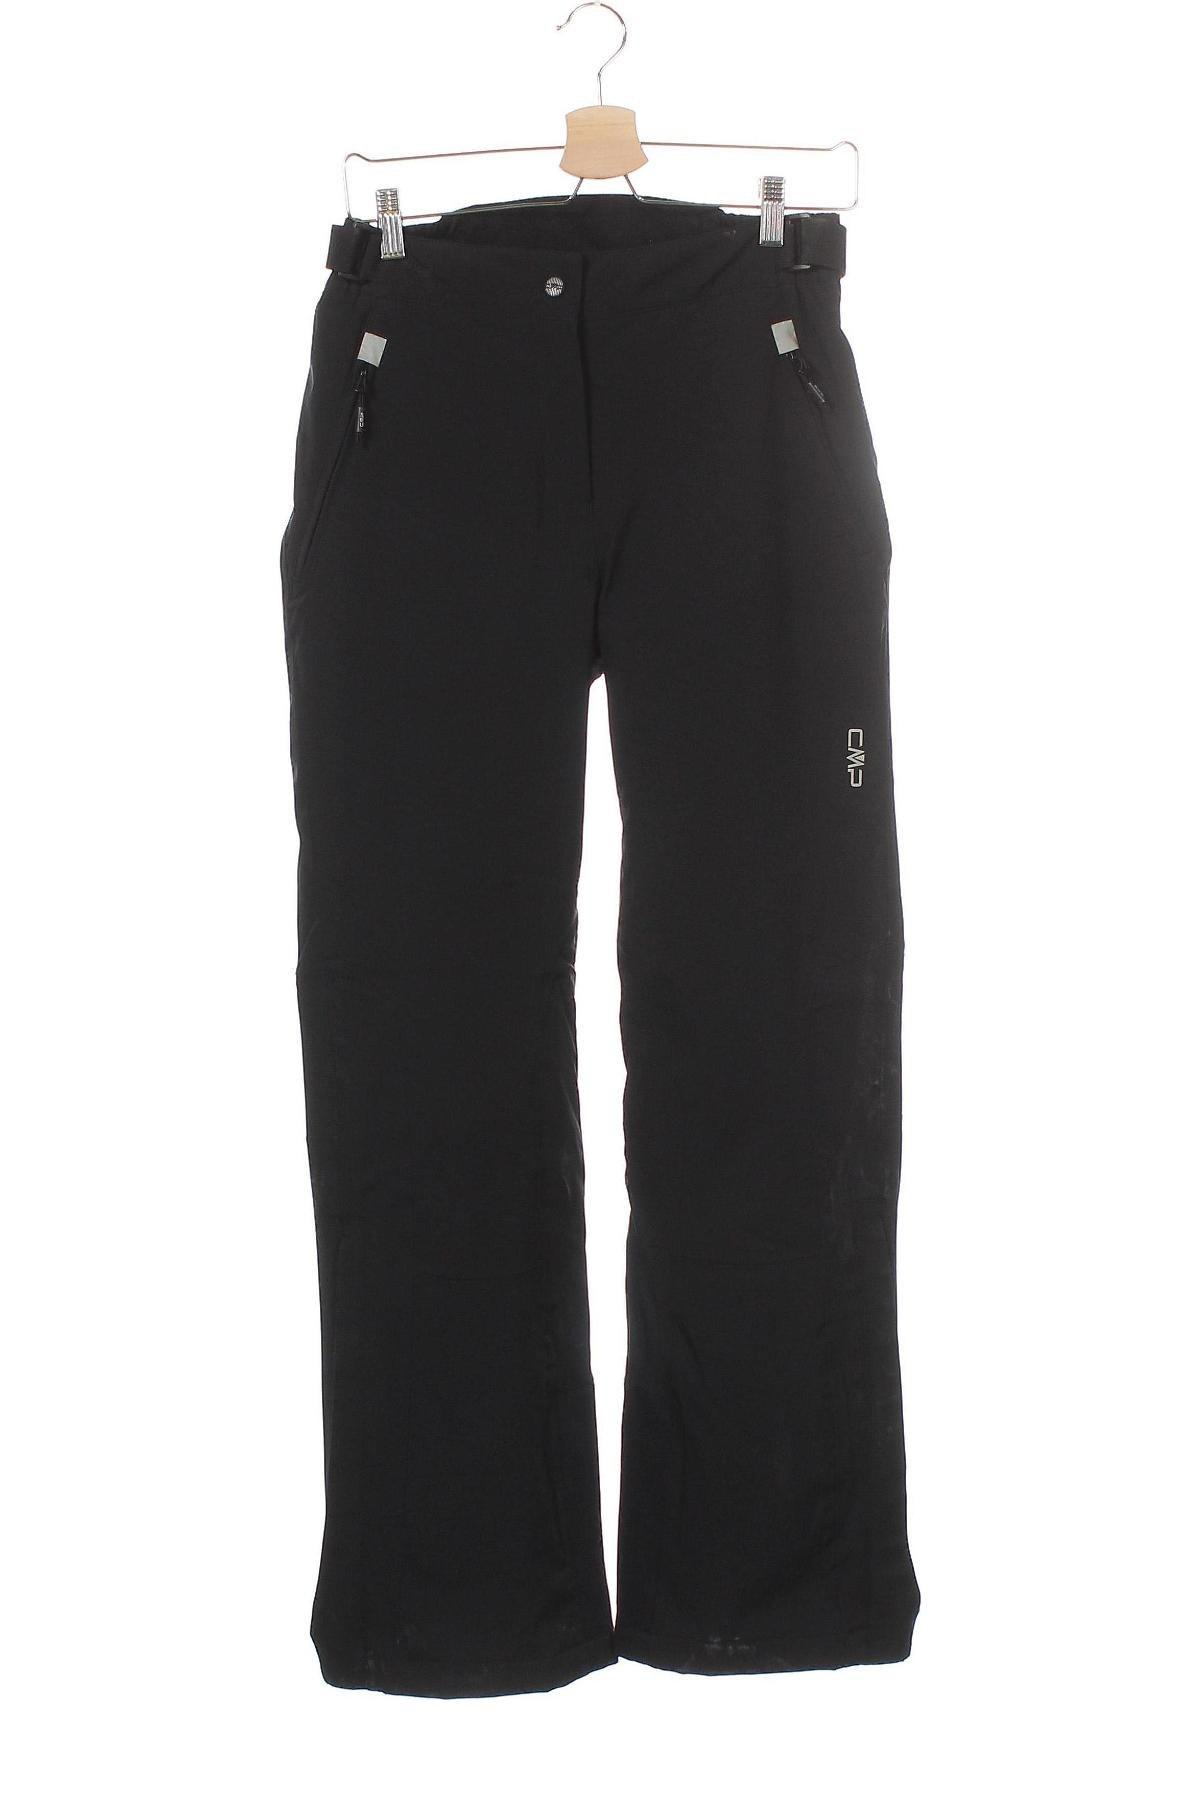 Дамски панталон за зимни спортове CMP, Размер XS, Цвят Черен, 90% полиестер, 10% еластан, Цена 94,50лв.